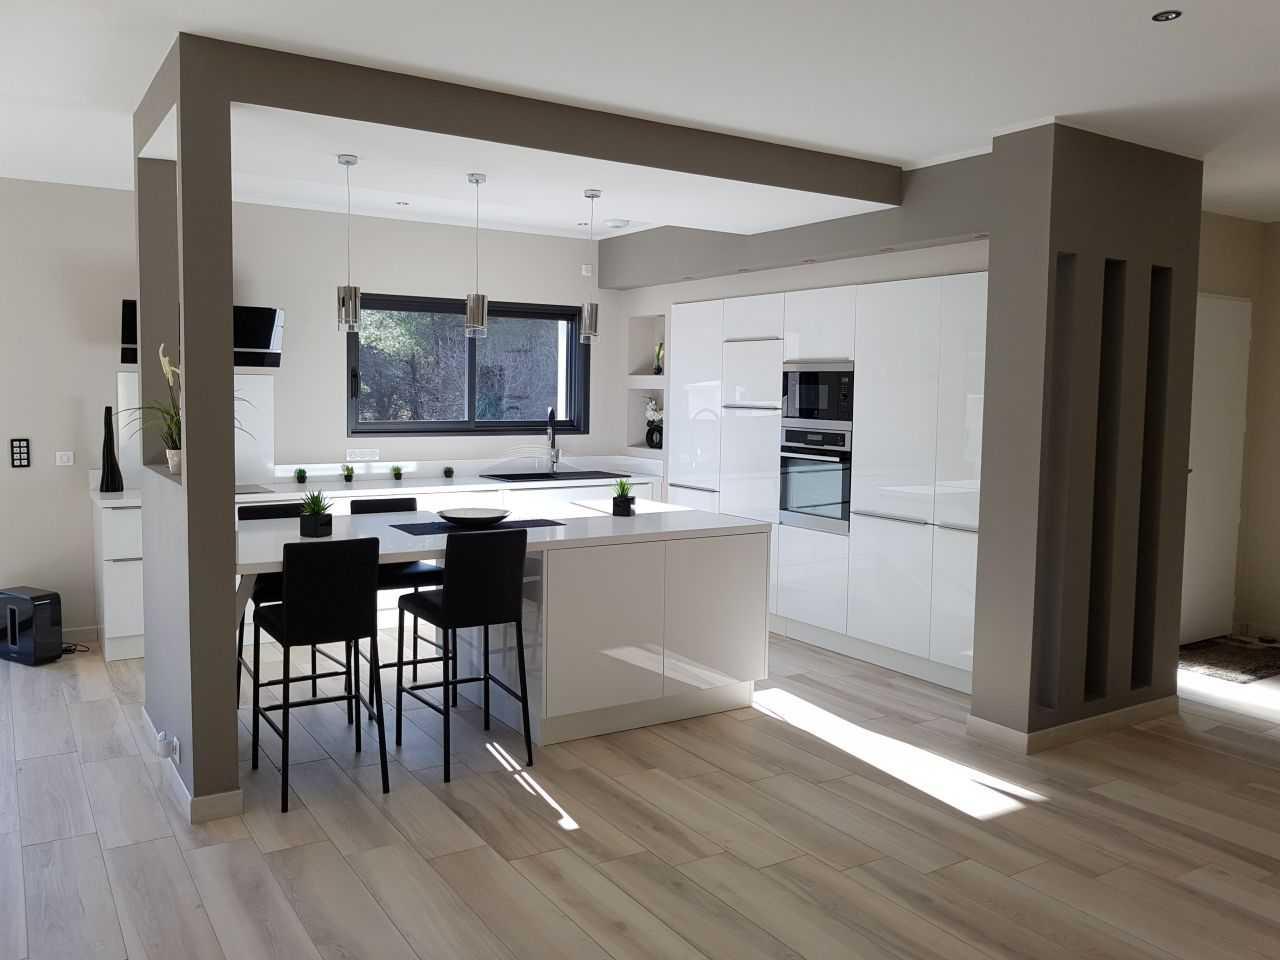 Carrelage avec parquet maison et mobilier - Cuisine avec sol parquet ...